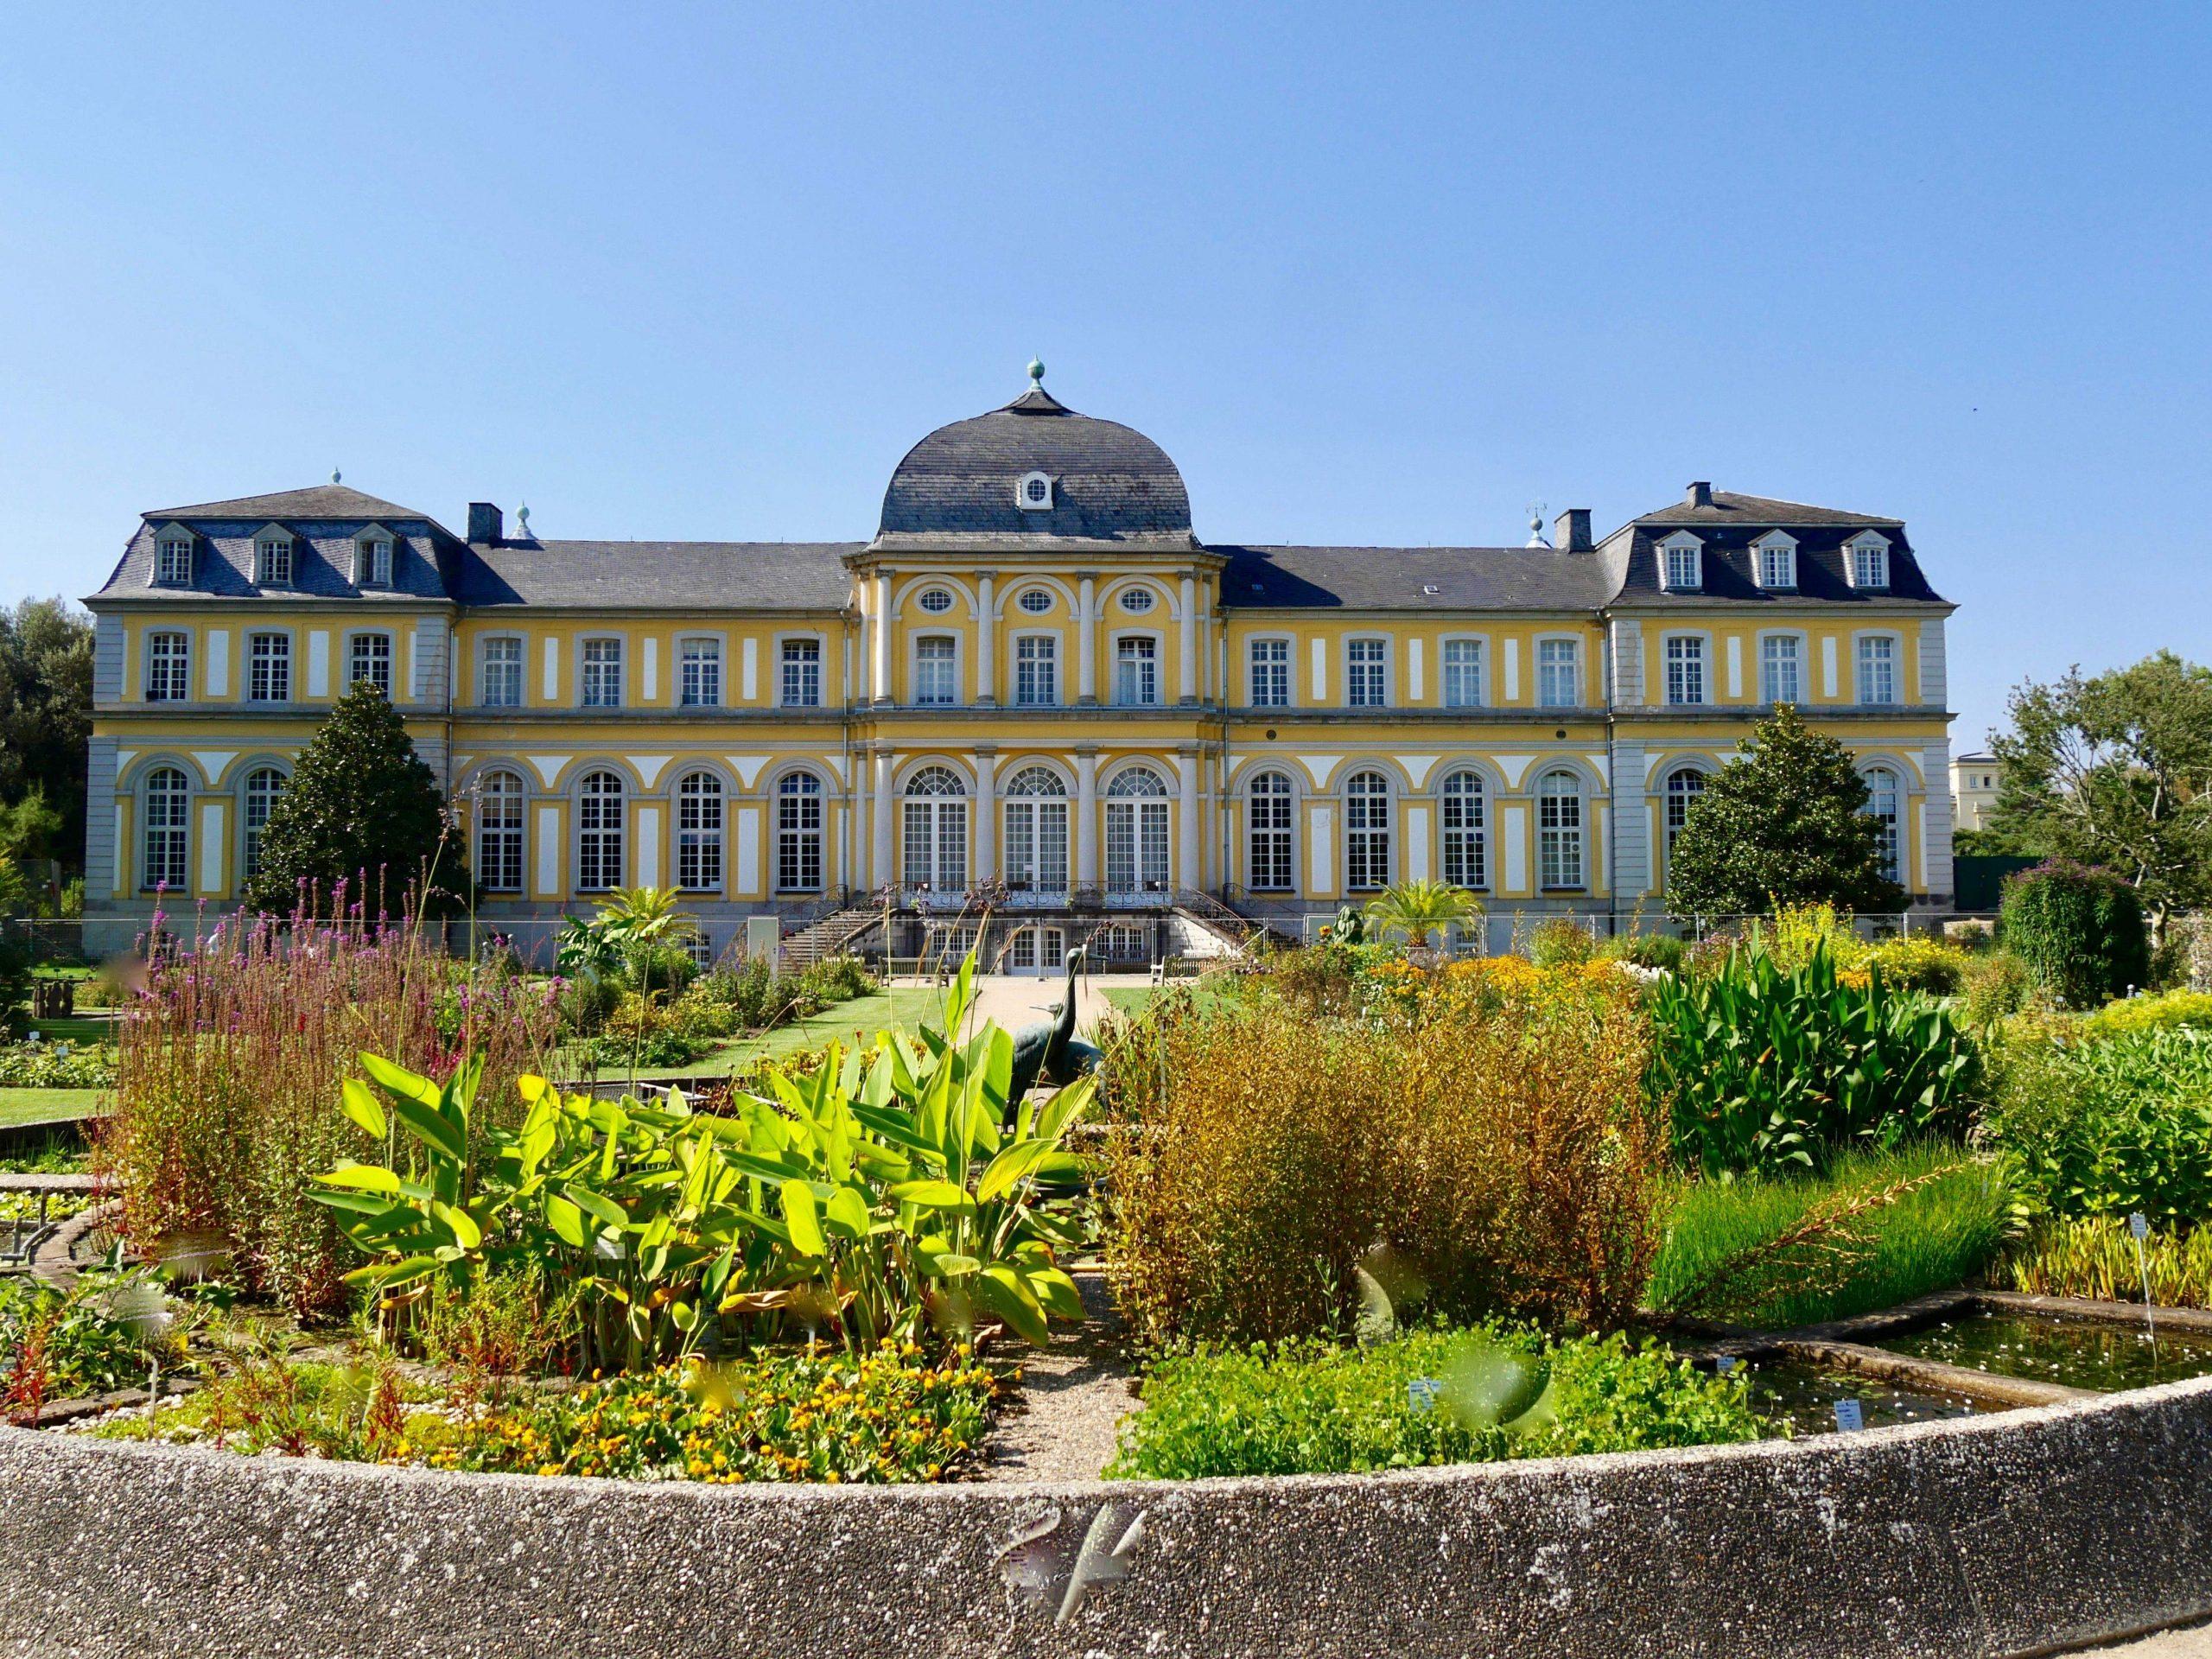 Botanischer Garten Bonn Inspirierend Botanischer Garten Bonn In 2019